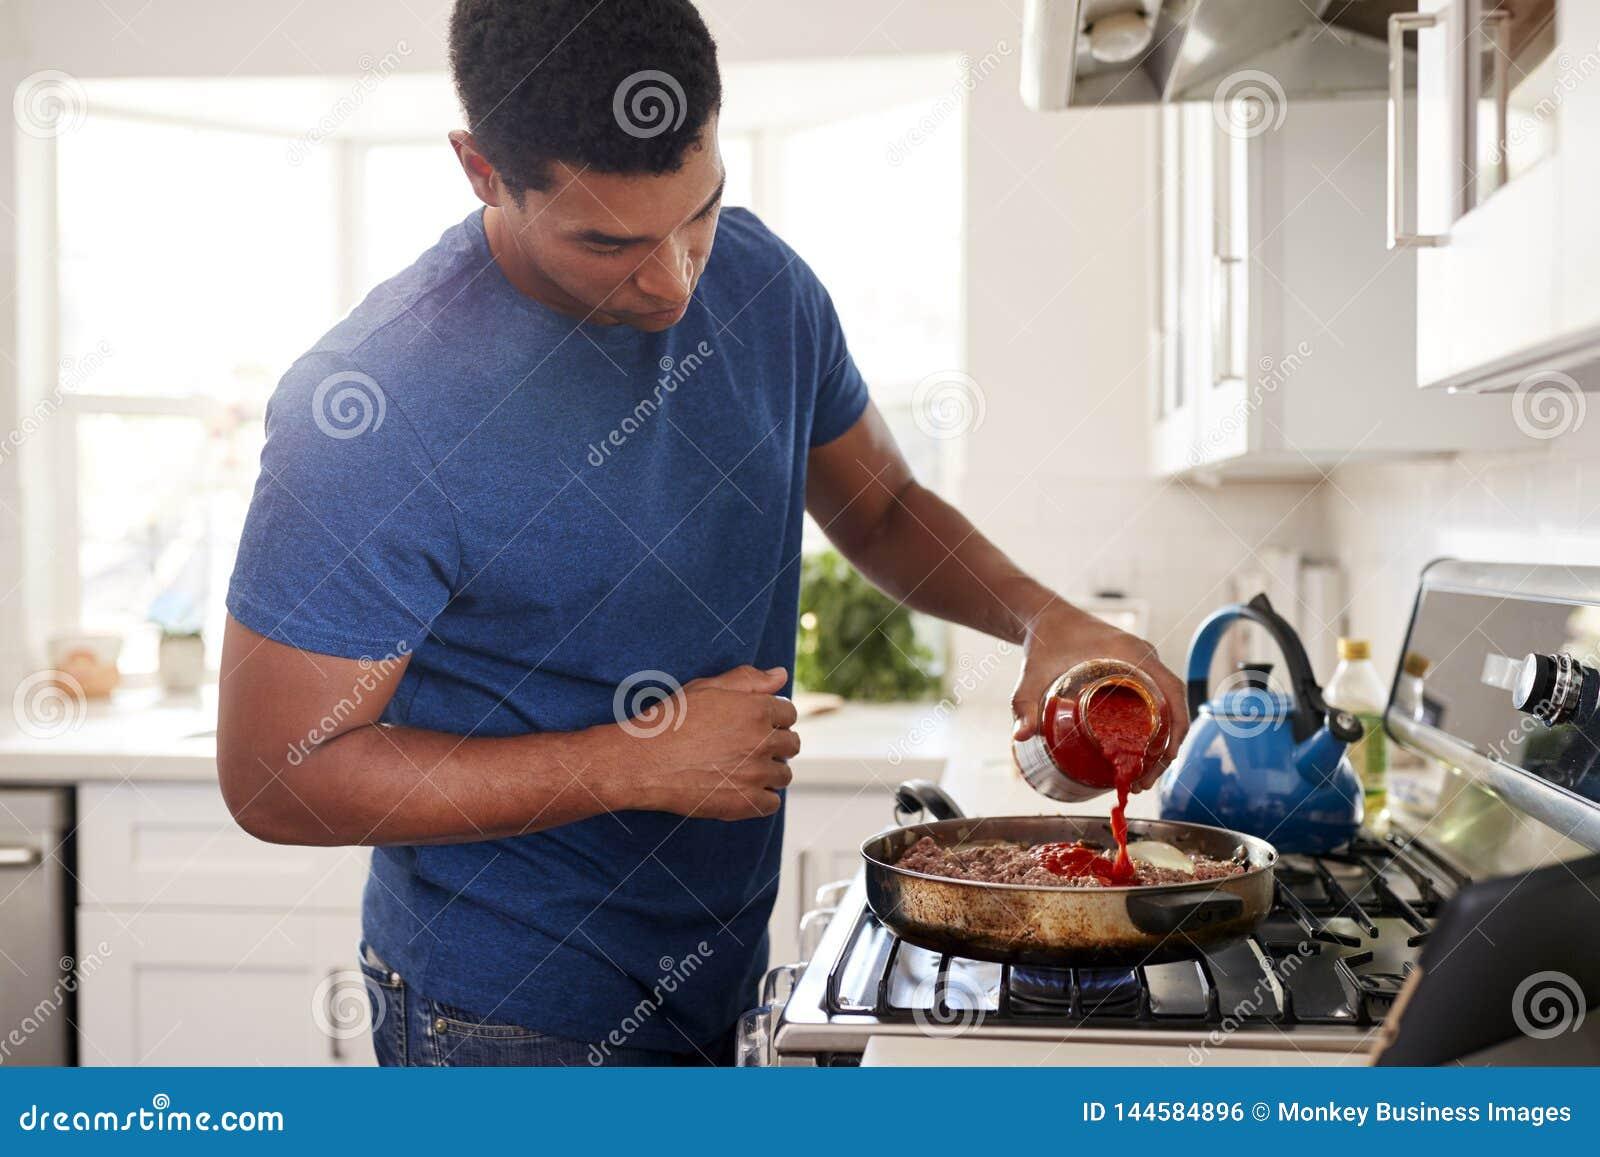 Situación afroamericana adulta joven del hombre en la cocina que cocina en el avellanador, añadiendo una salsa al sartén, cierre